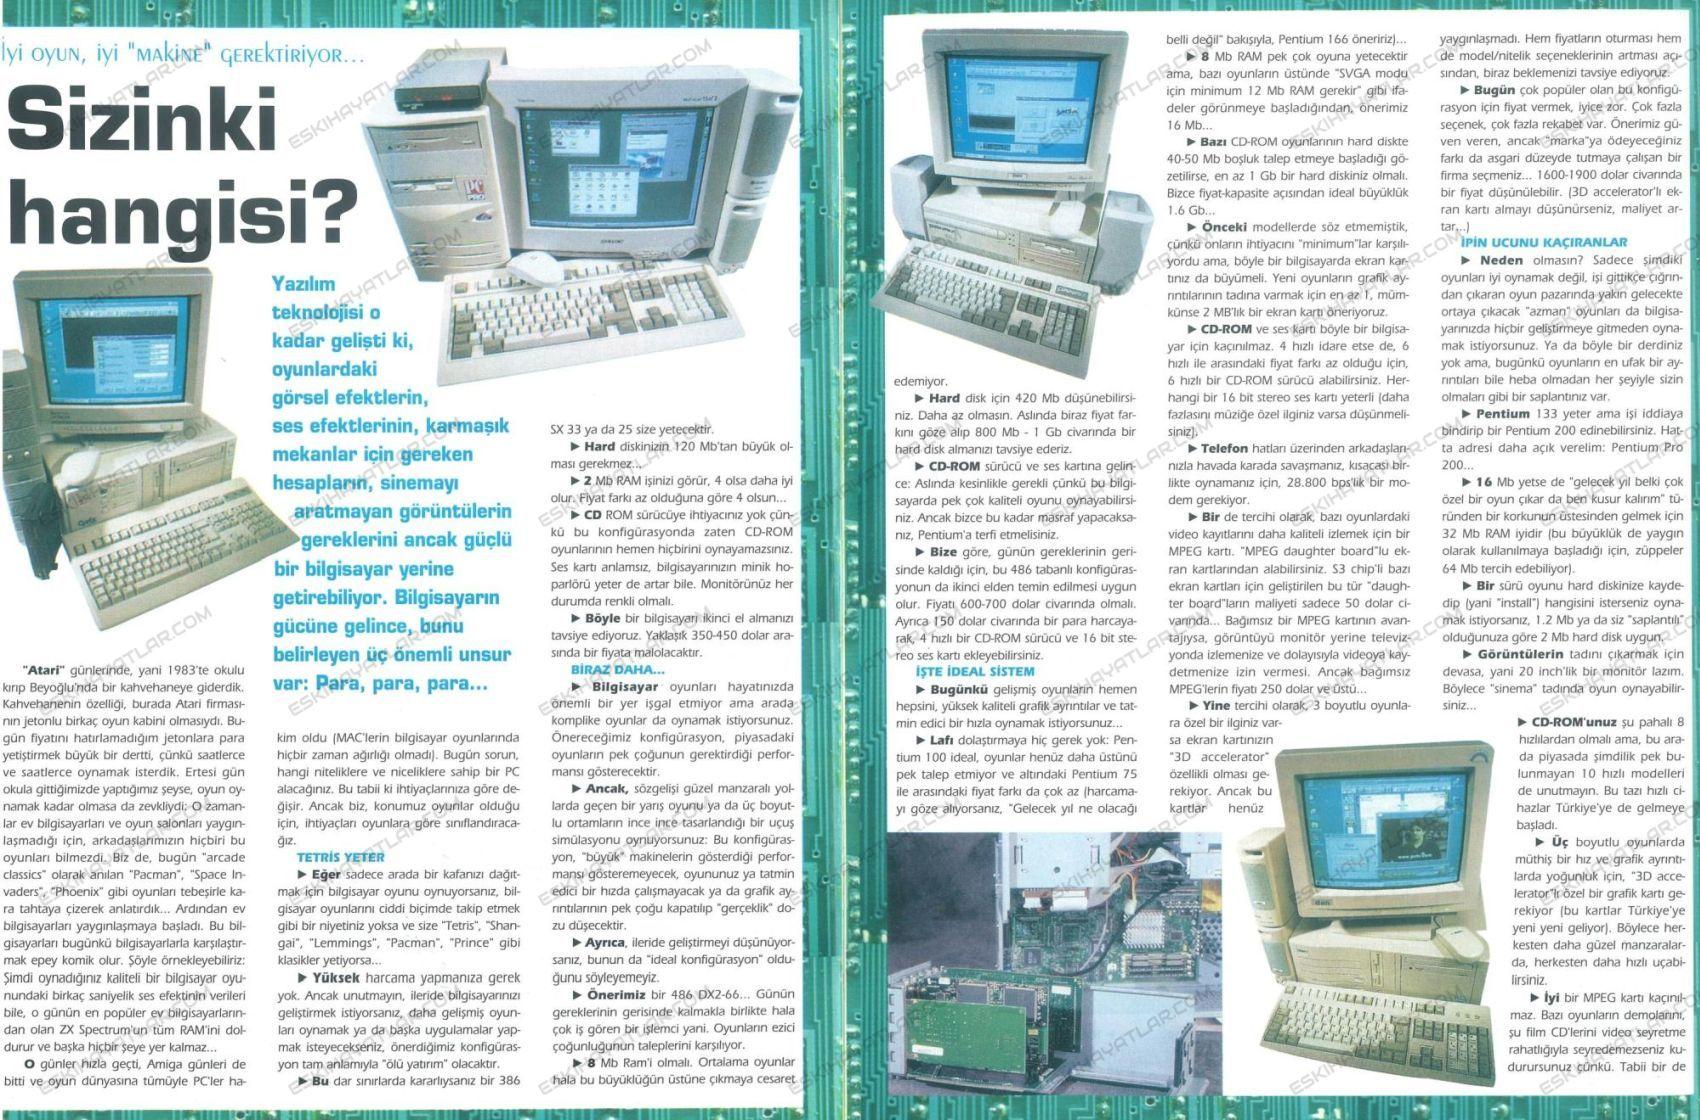 0277-doksanli-yillarin-bilgisayar-oyunlari-1996-yilinda-bilgisayar-markalari (6)